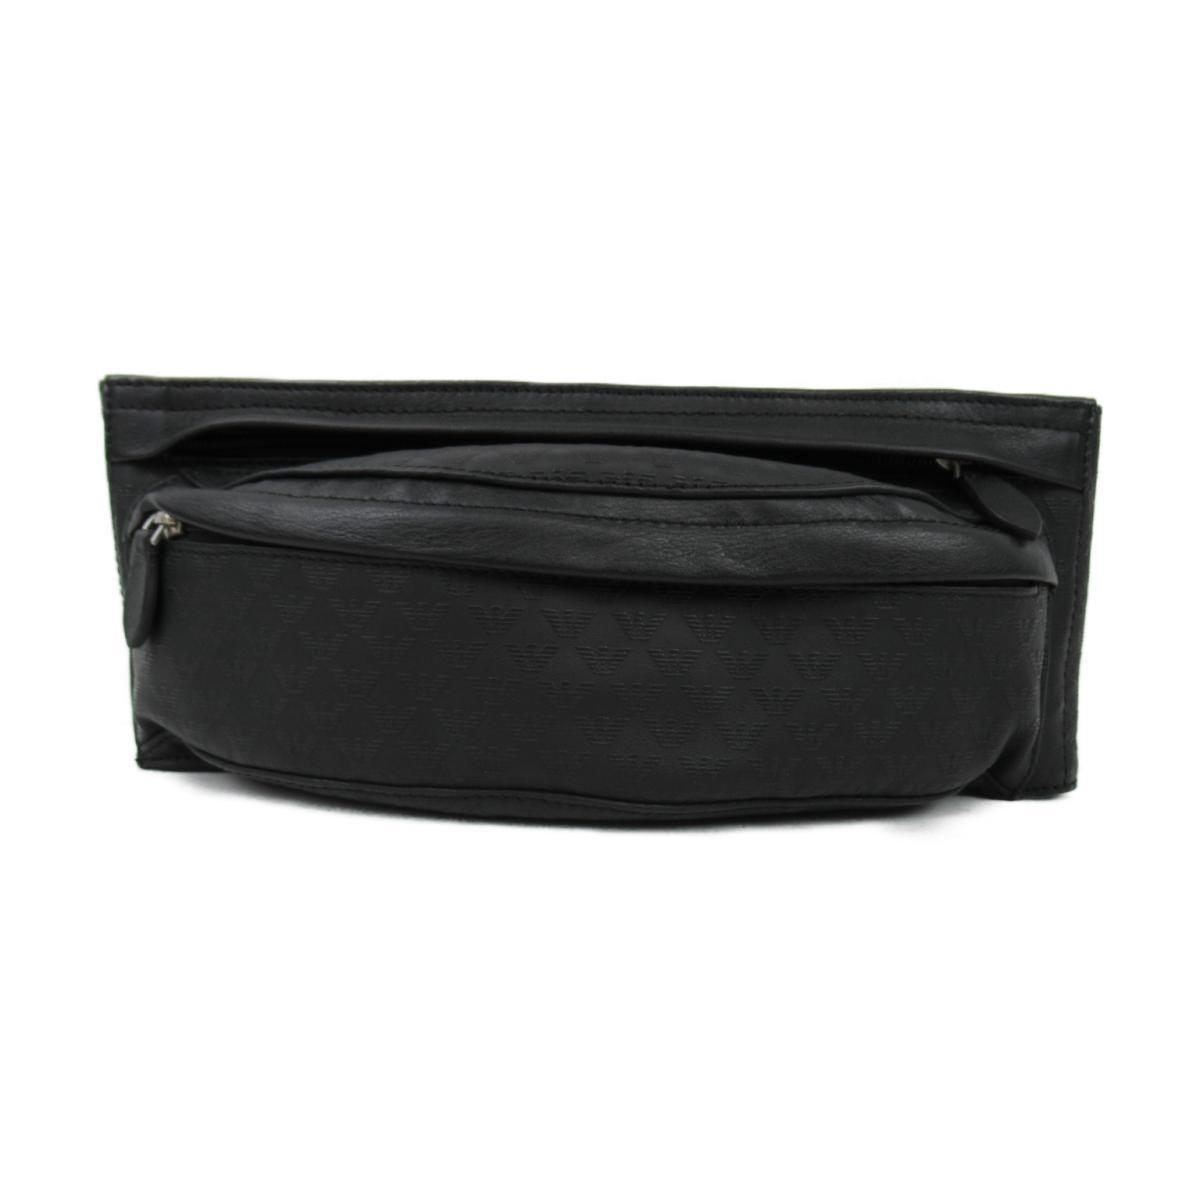 エンポリオアルマーニ レザー ウエストバッグ バッグ メンズ ブラック 【中古】 | ブランド